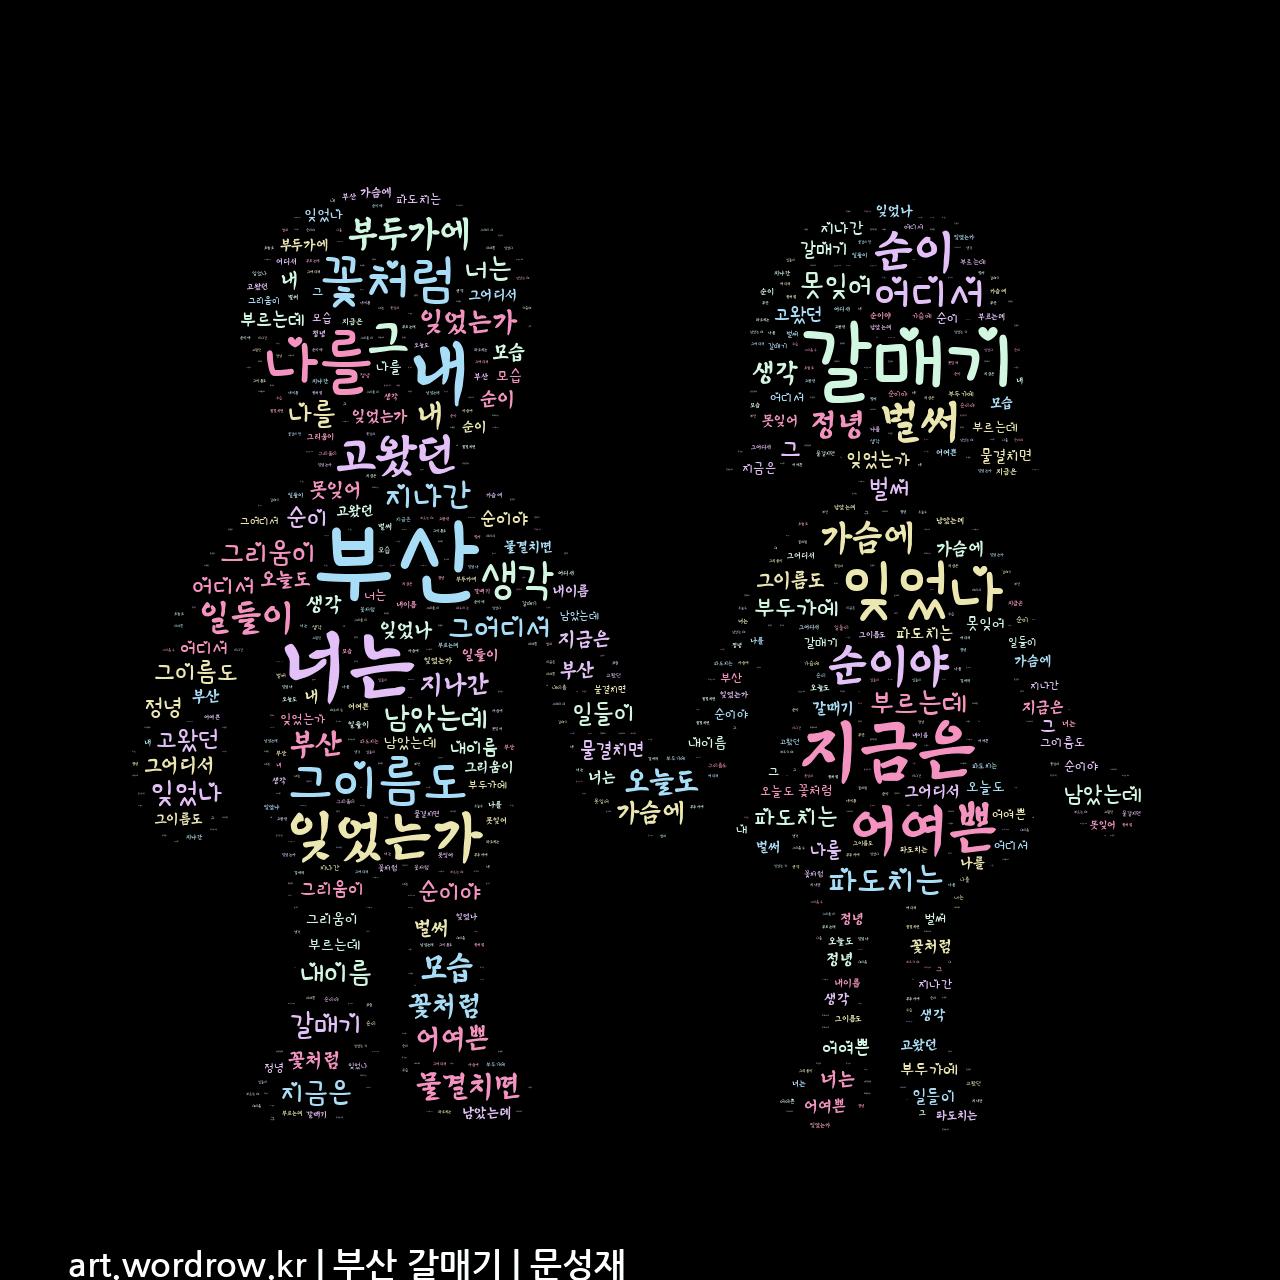 워드 아트: 부산 갈매기 [문성재]-44